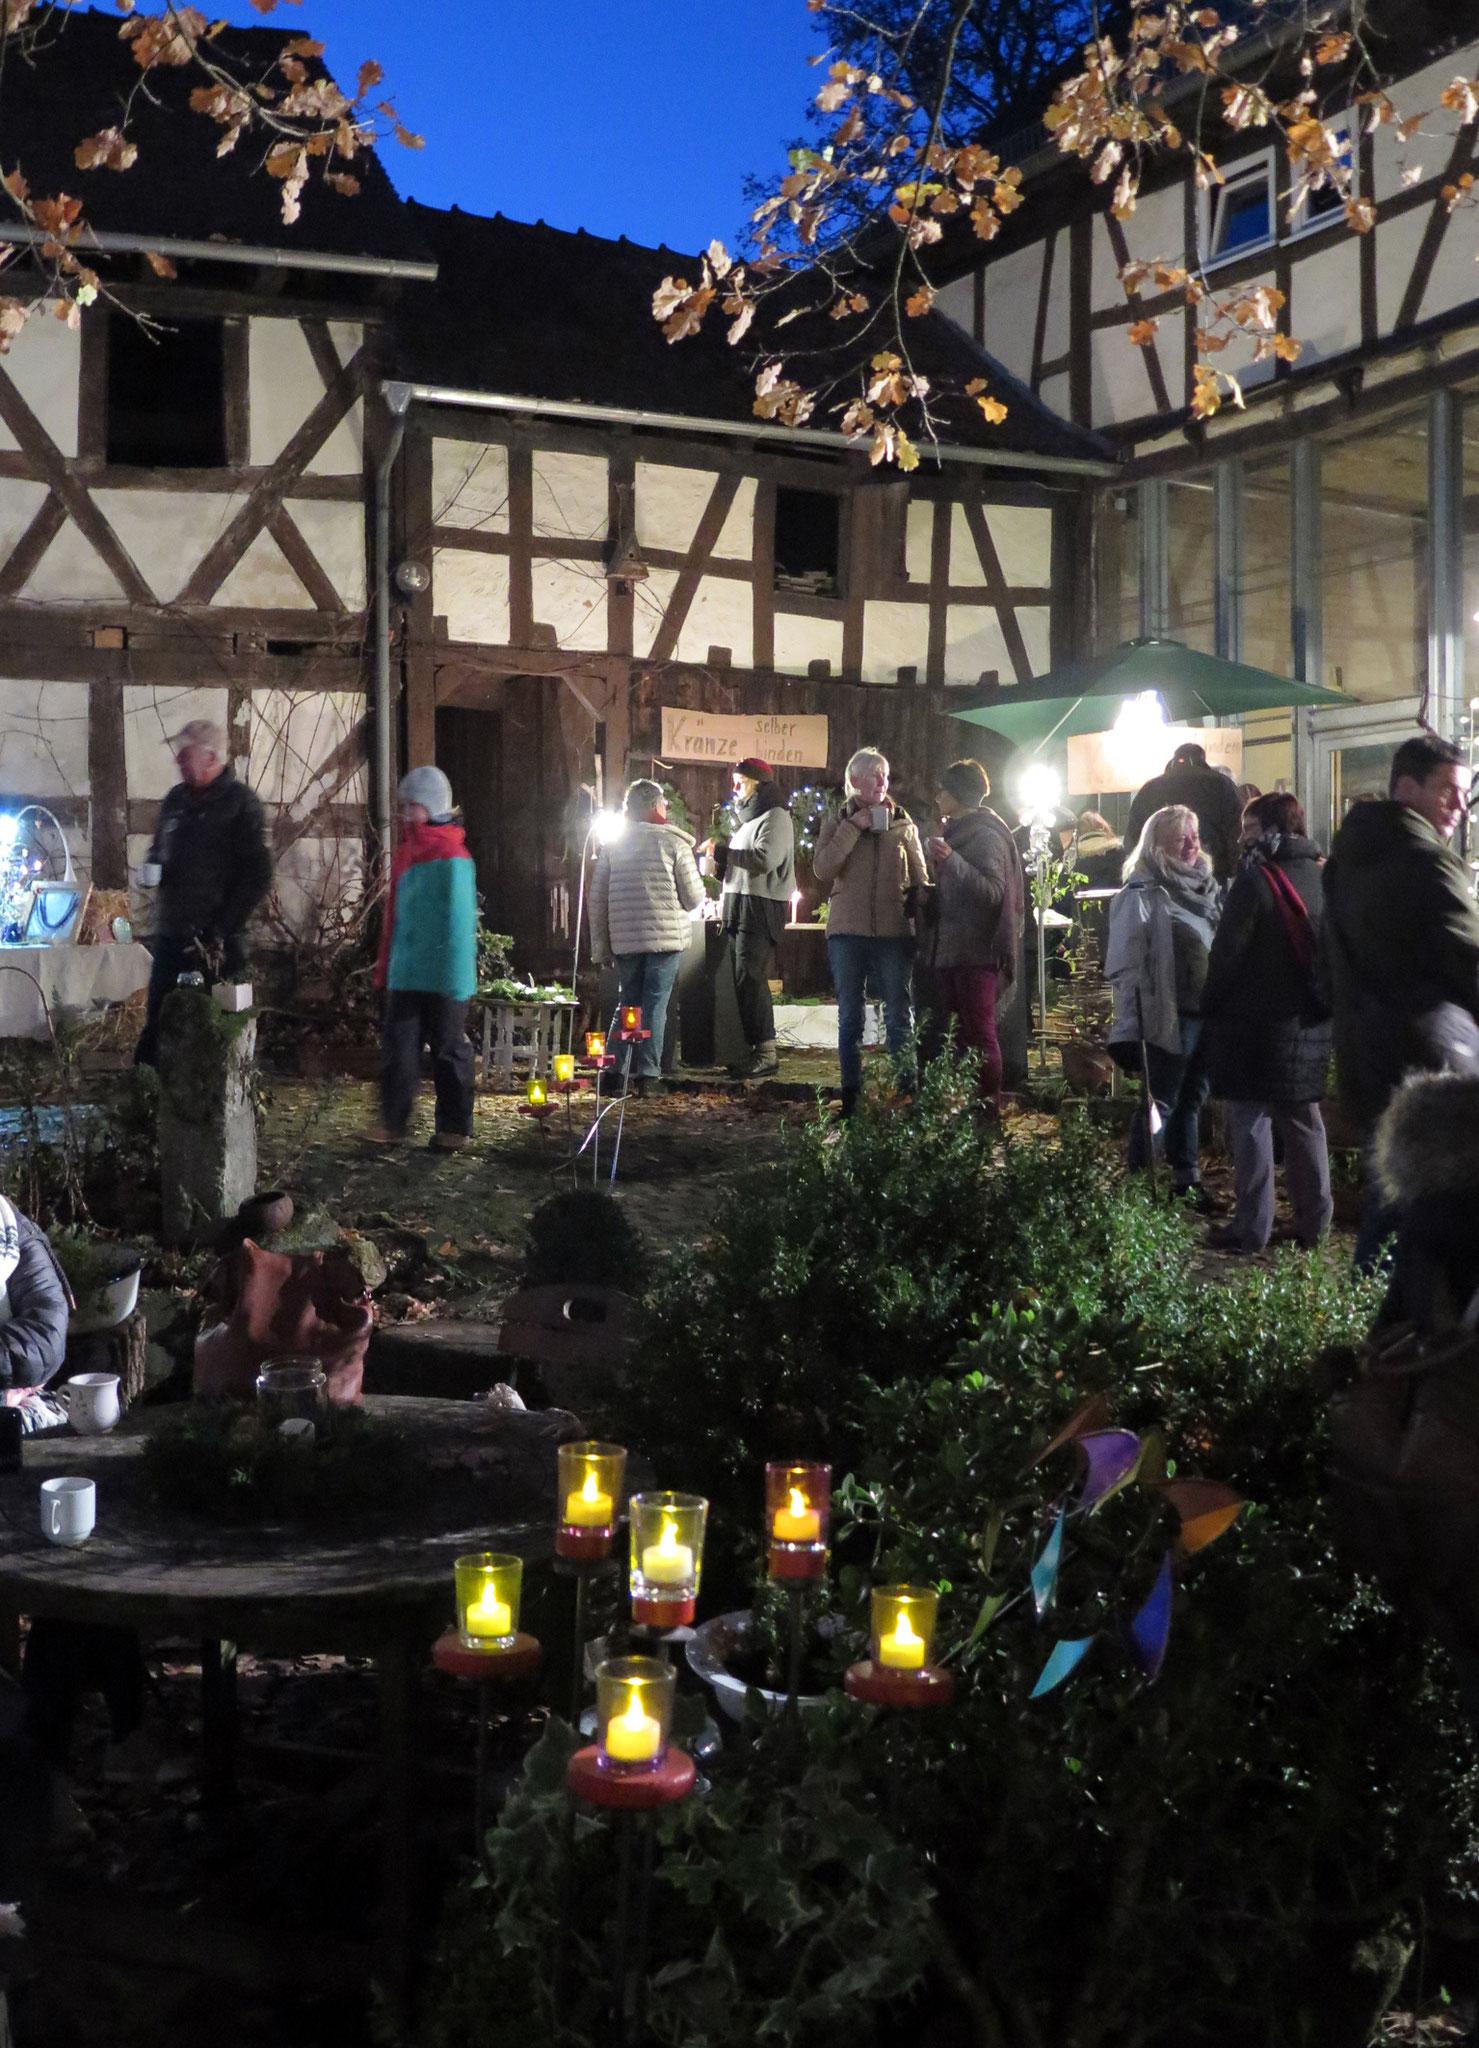 Volles Haus beim Weihnachts-Zauber